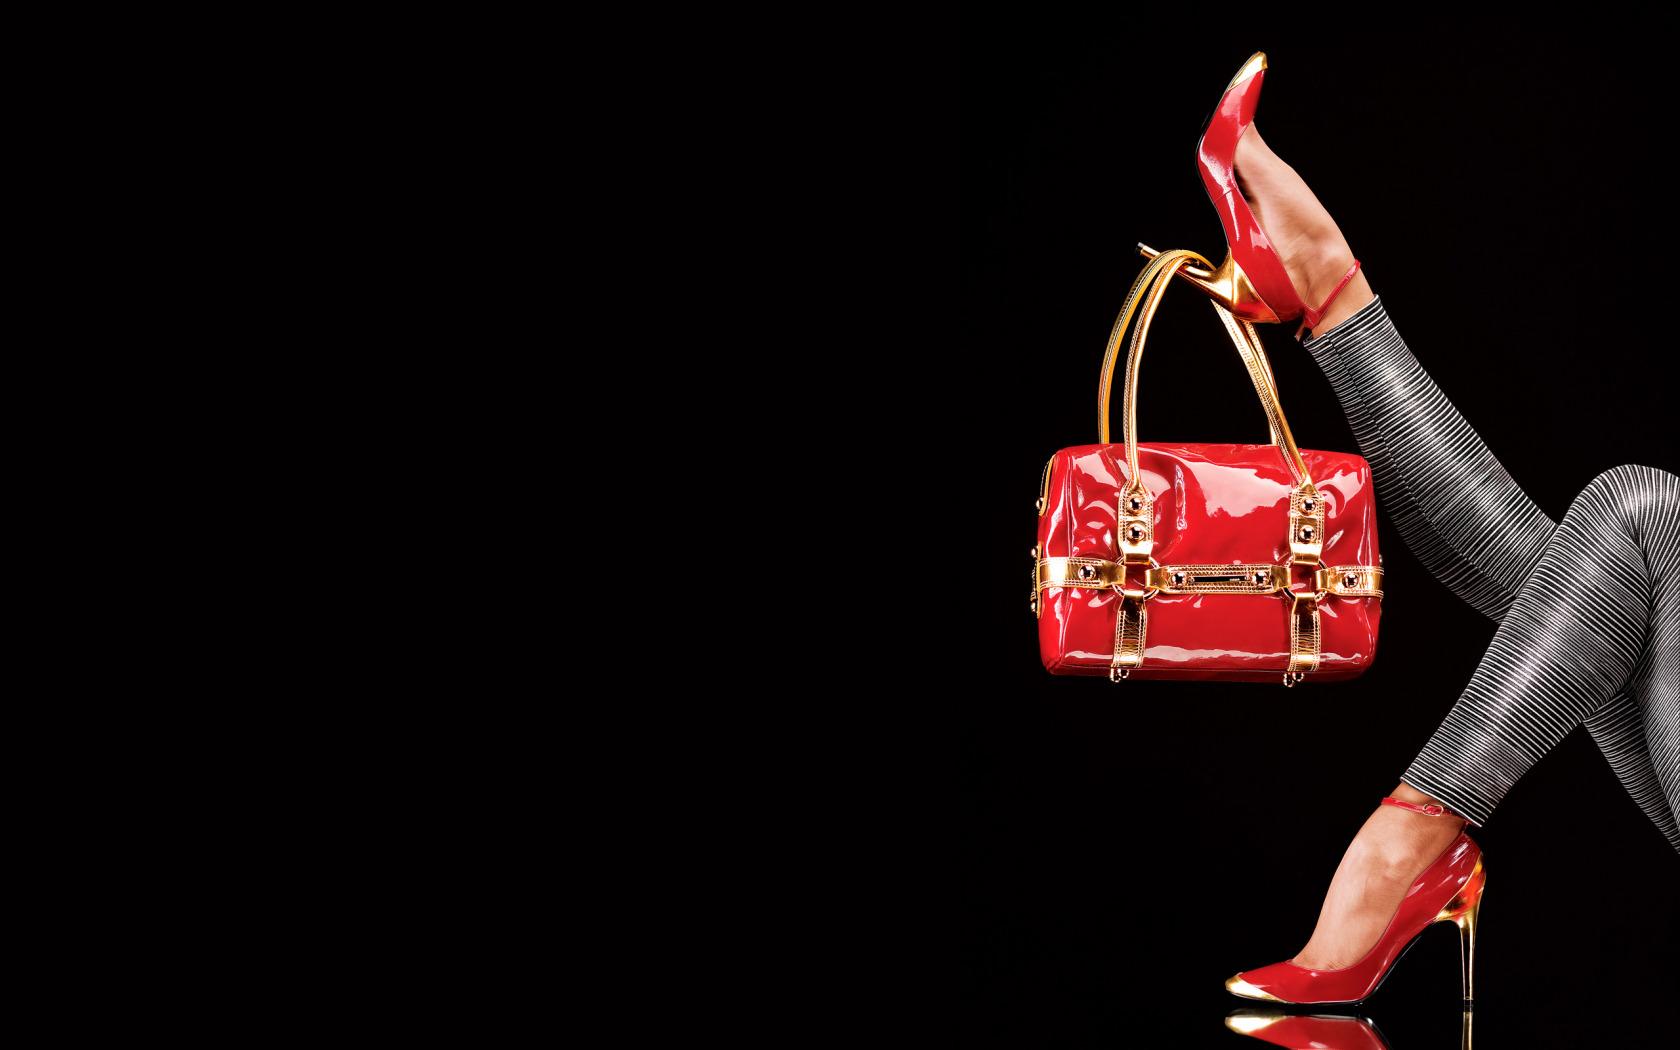 красная обувь  № 1506283 без смс